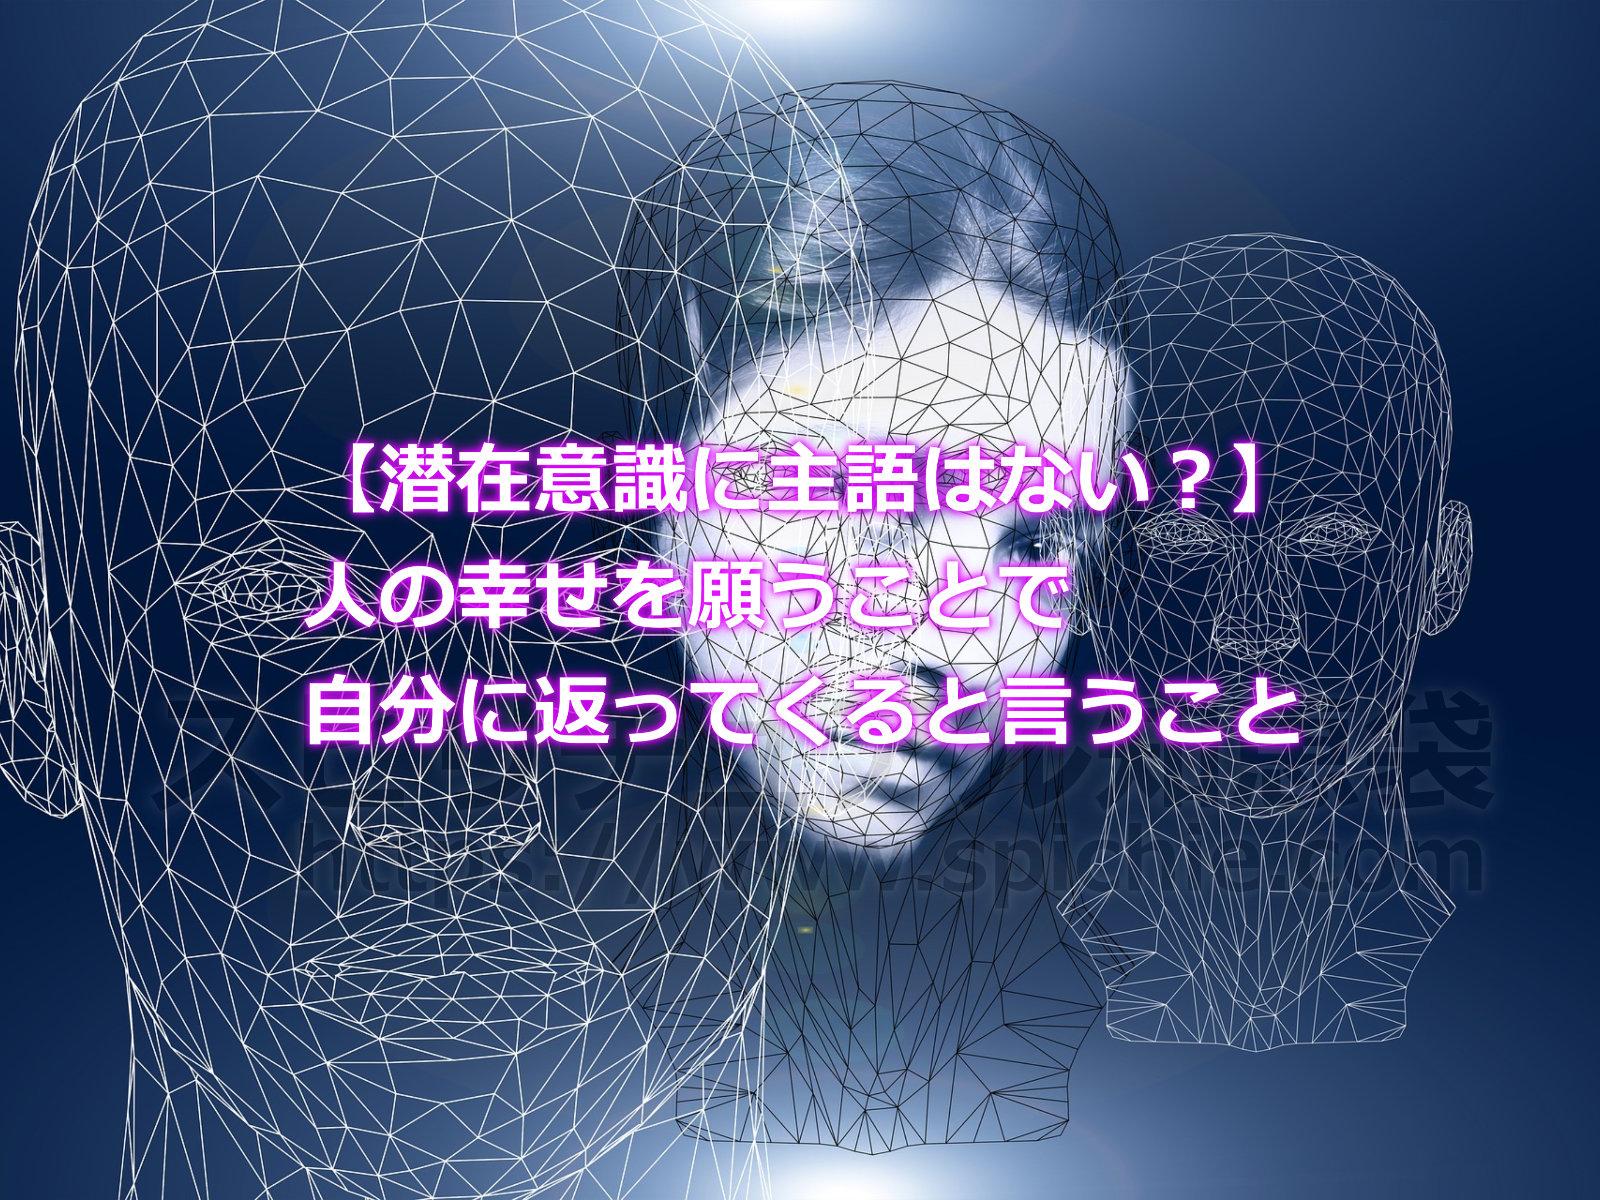 【潜在意識に主語はない?】人の幸せを願うことで自分に返ってくると言うことのアイキャッチ画像